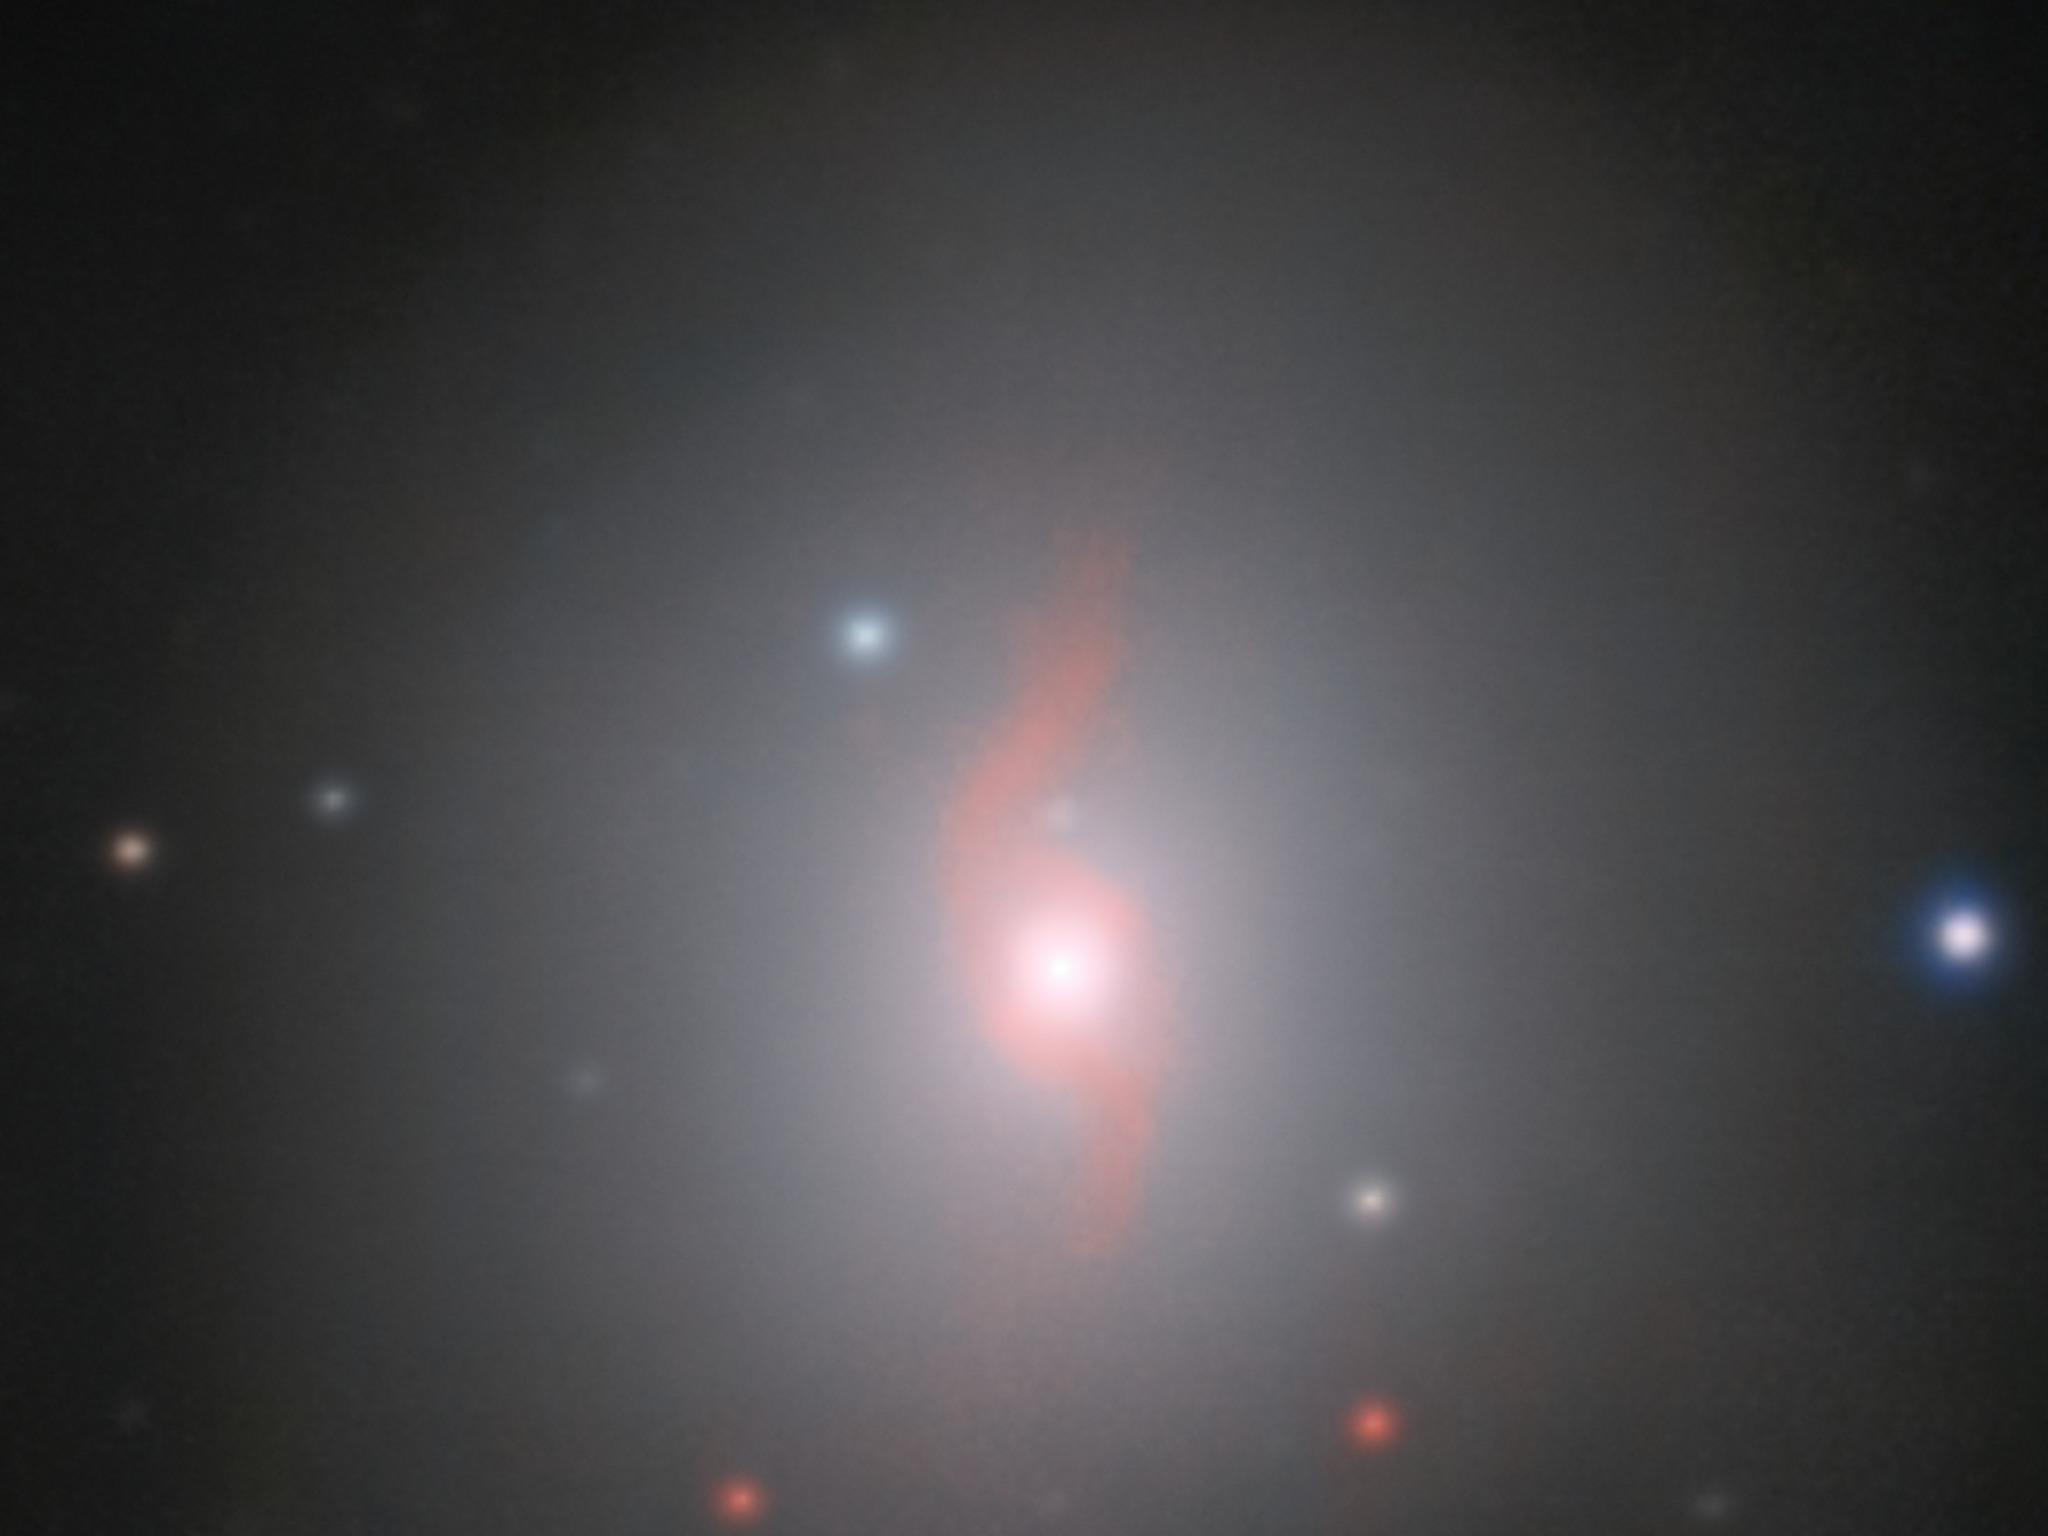 vltmuse image of the galaxy ngc and associated kilonova